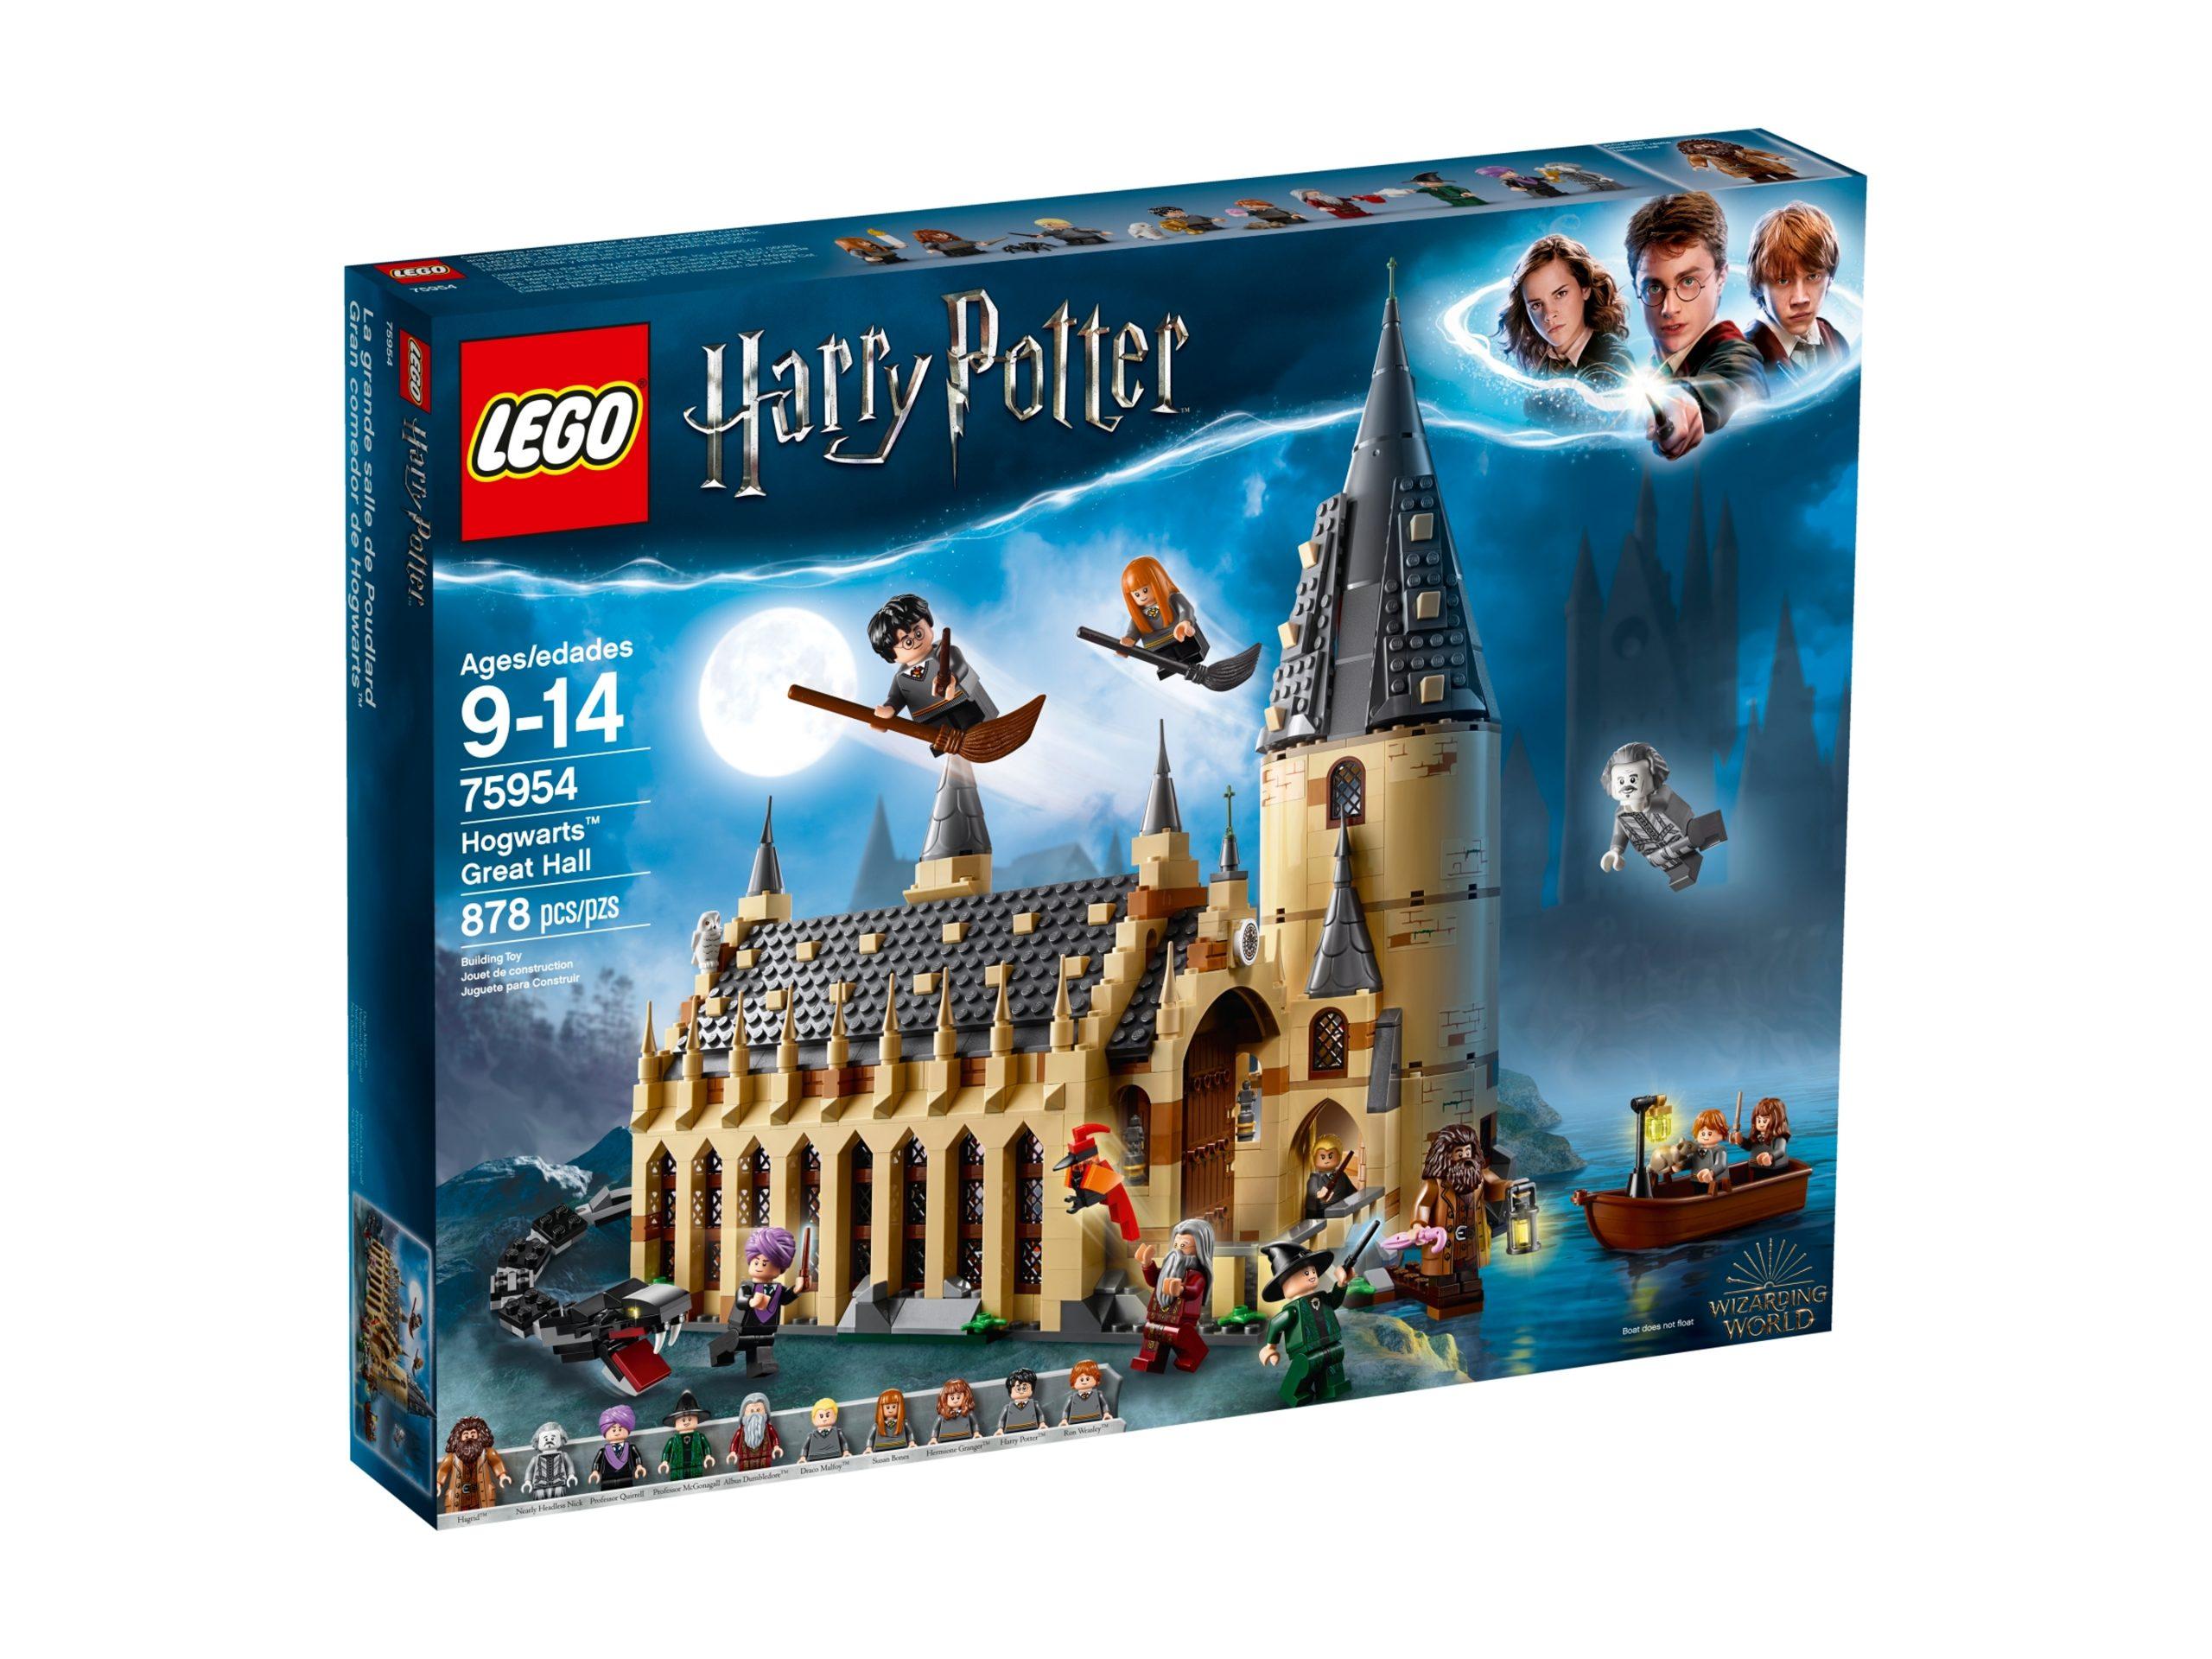 lego 75954 die grose halle von hogwarts scaled